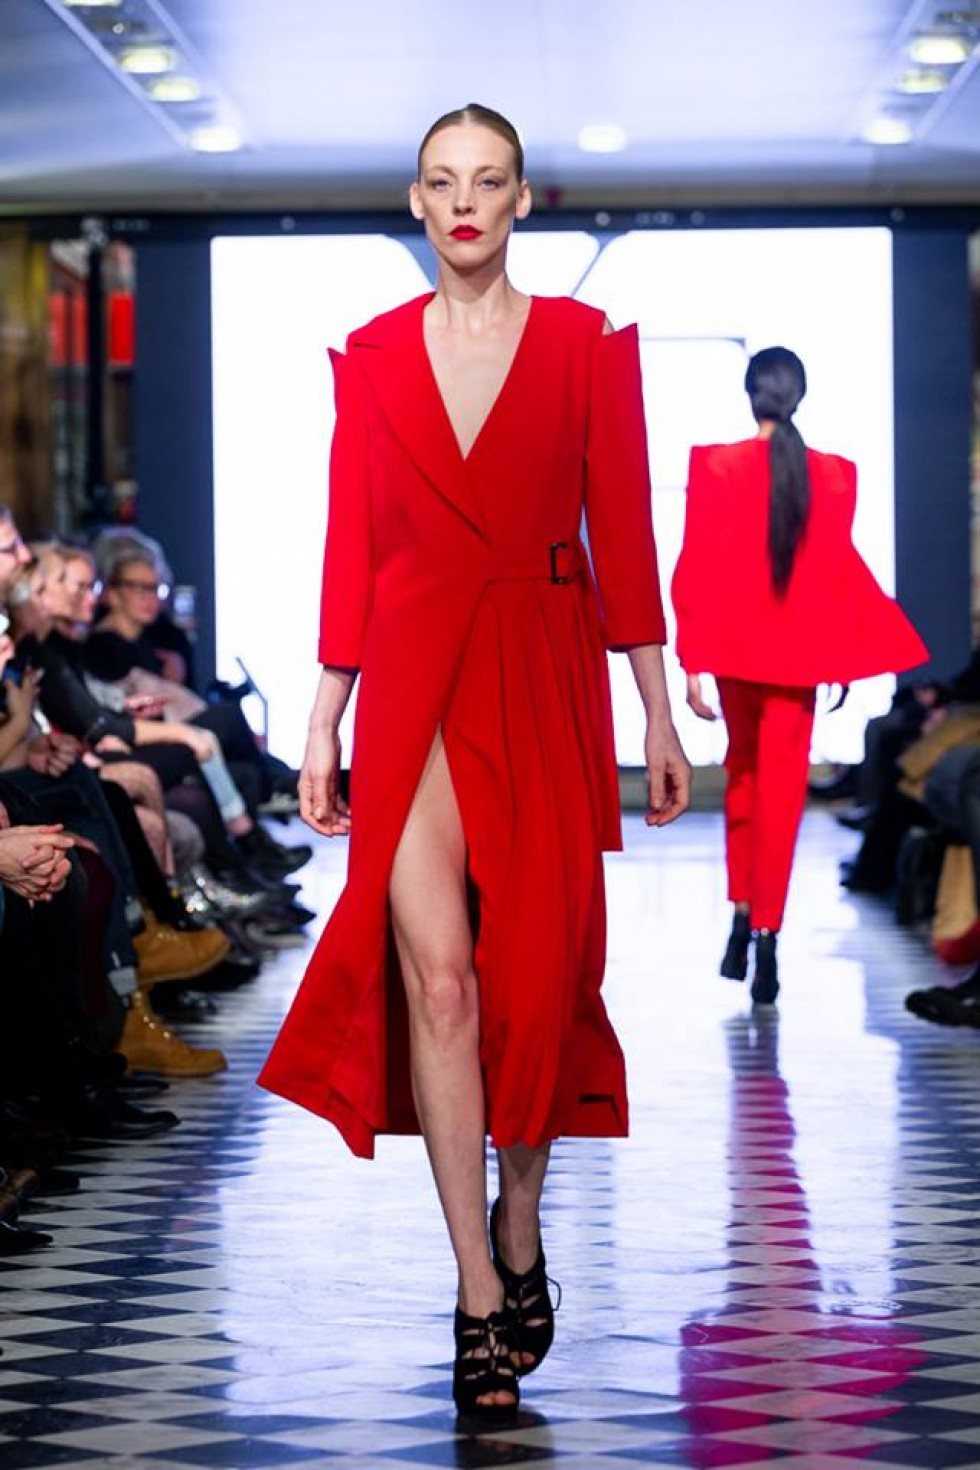 Колекція Юлії Федецкої  «Passion byYF» на Берлінському тижні моди